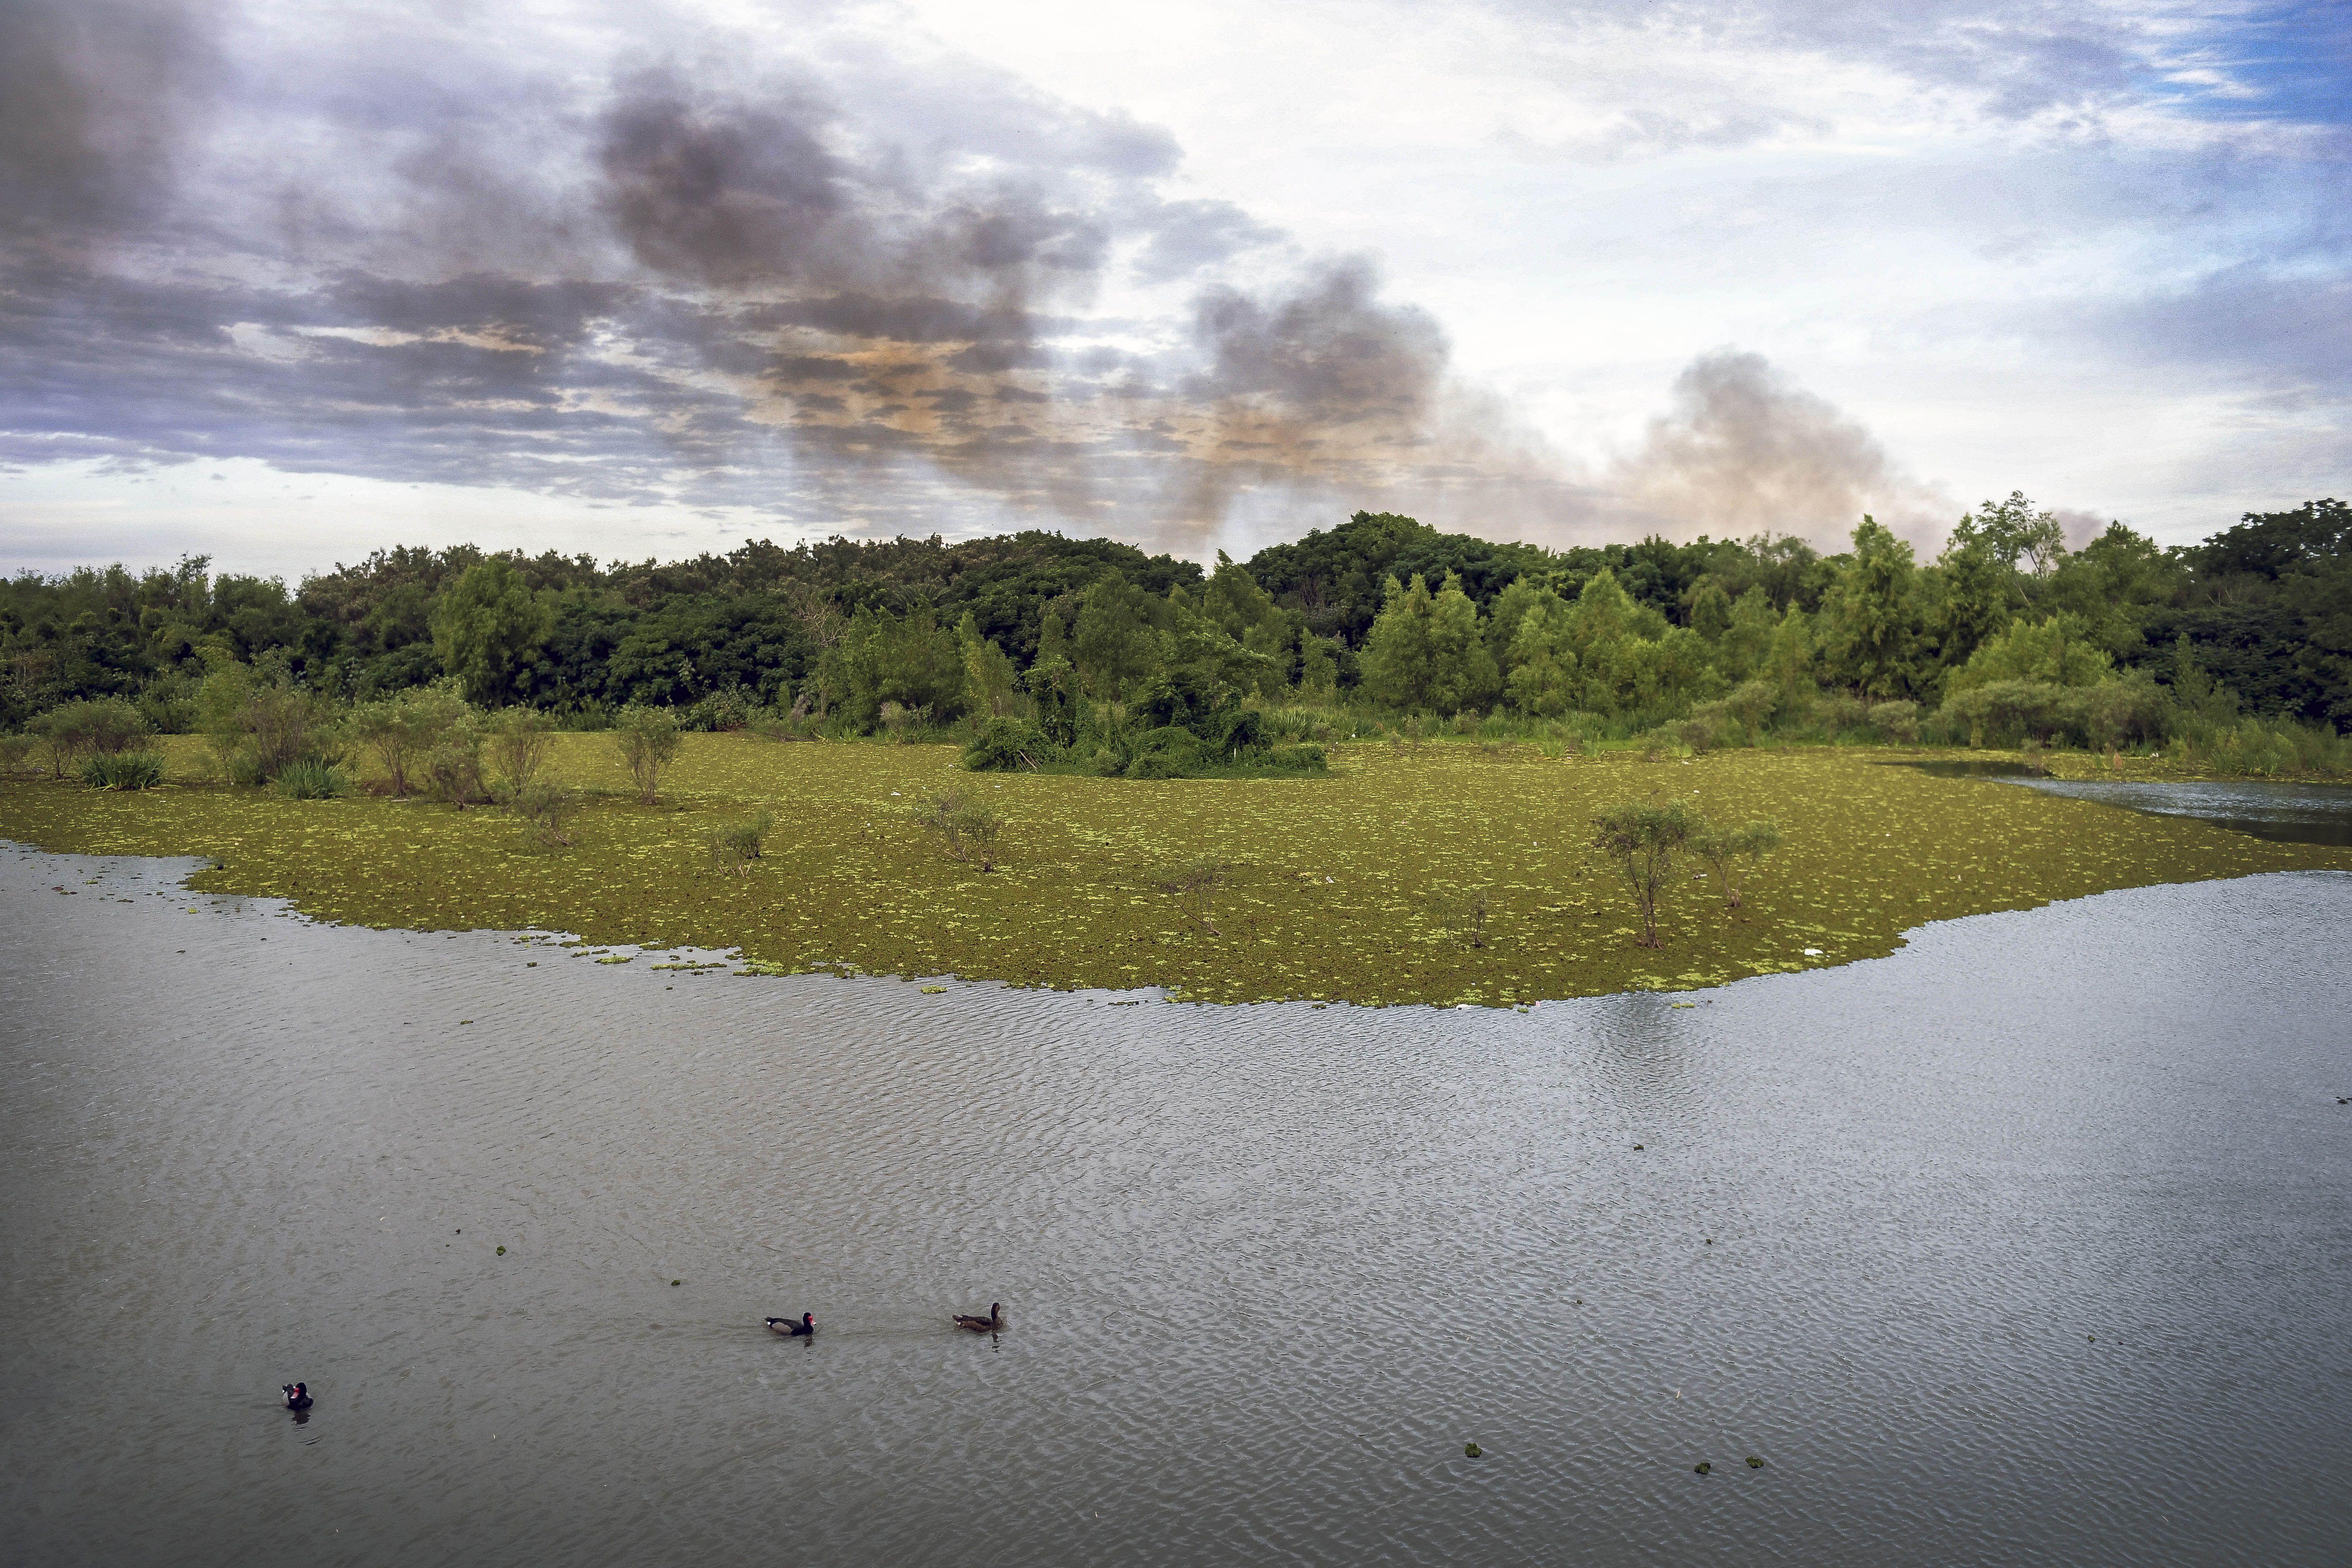 Incendio en la Reserva Ecológica de Costanera Sur: investigan si fue intencional